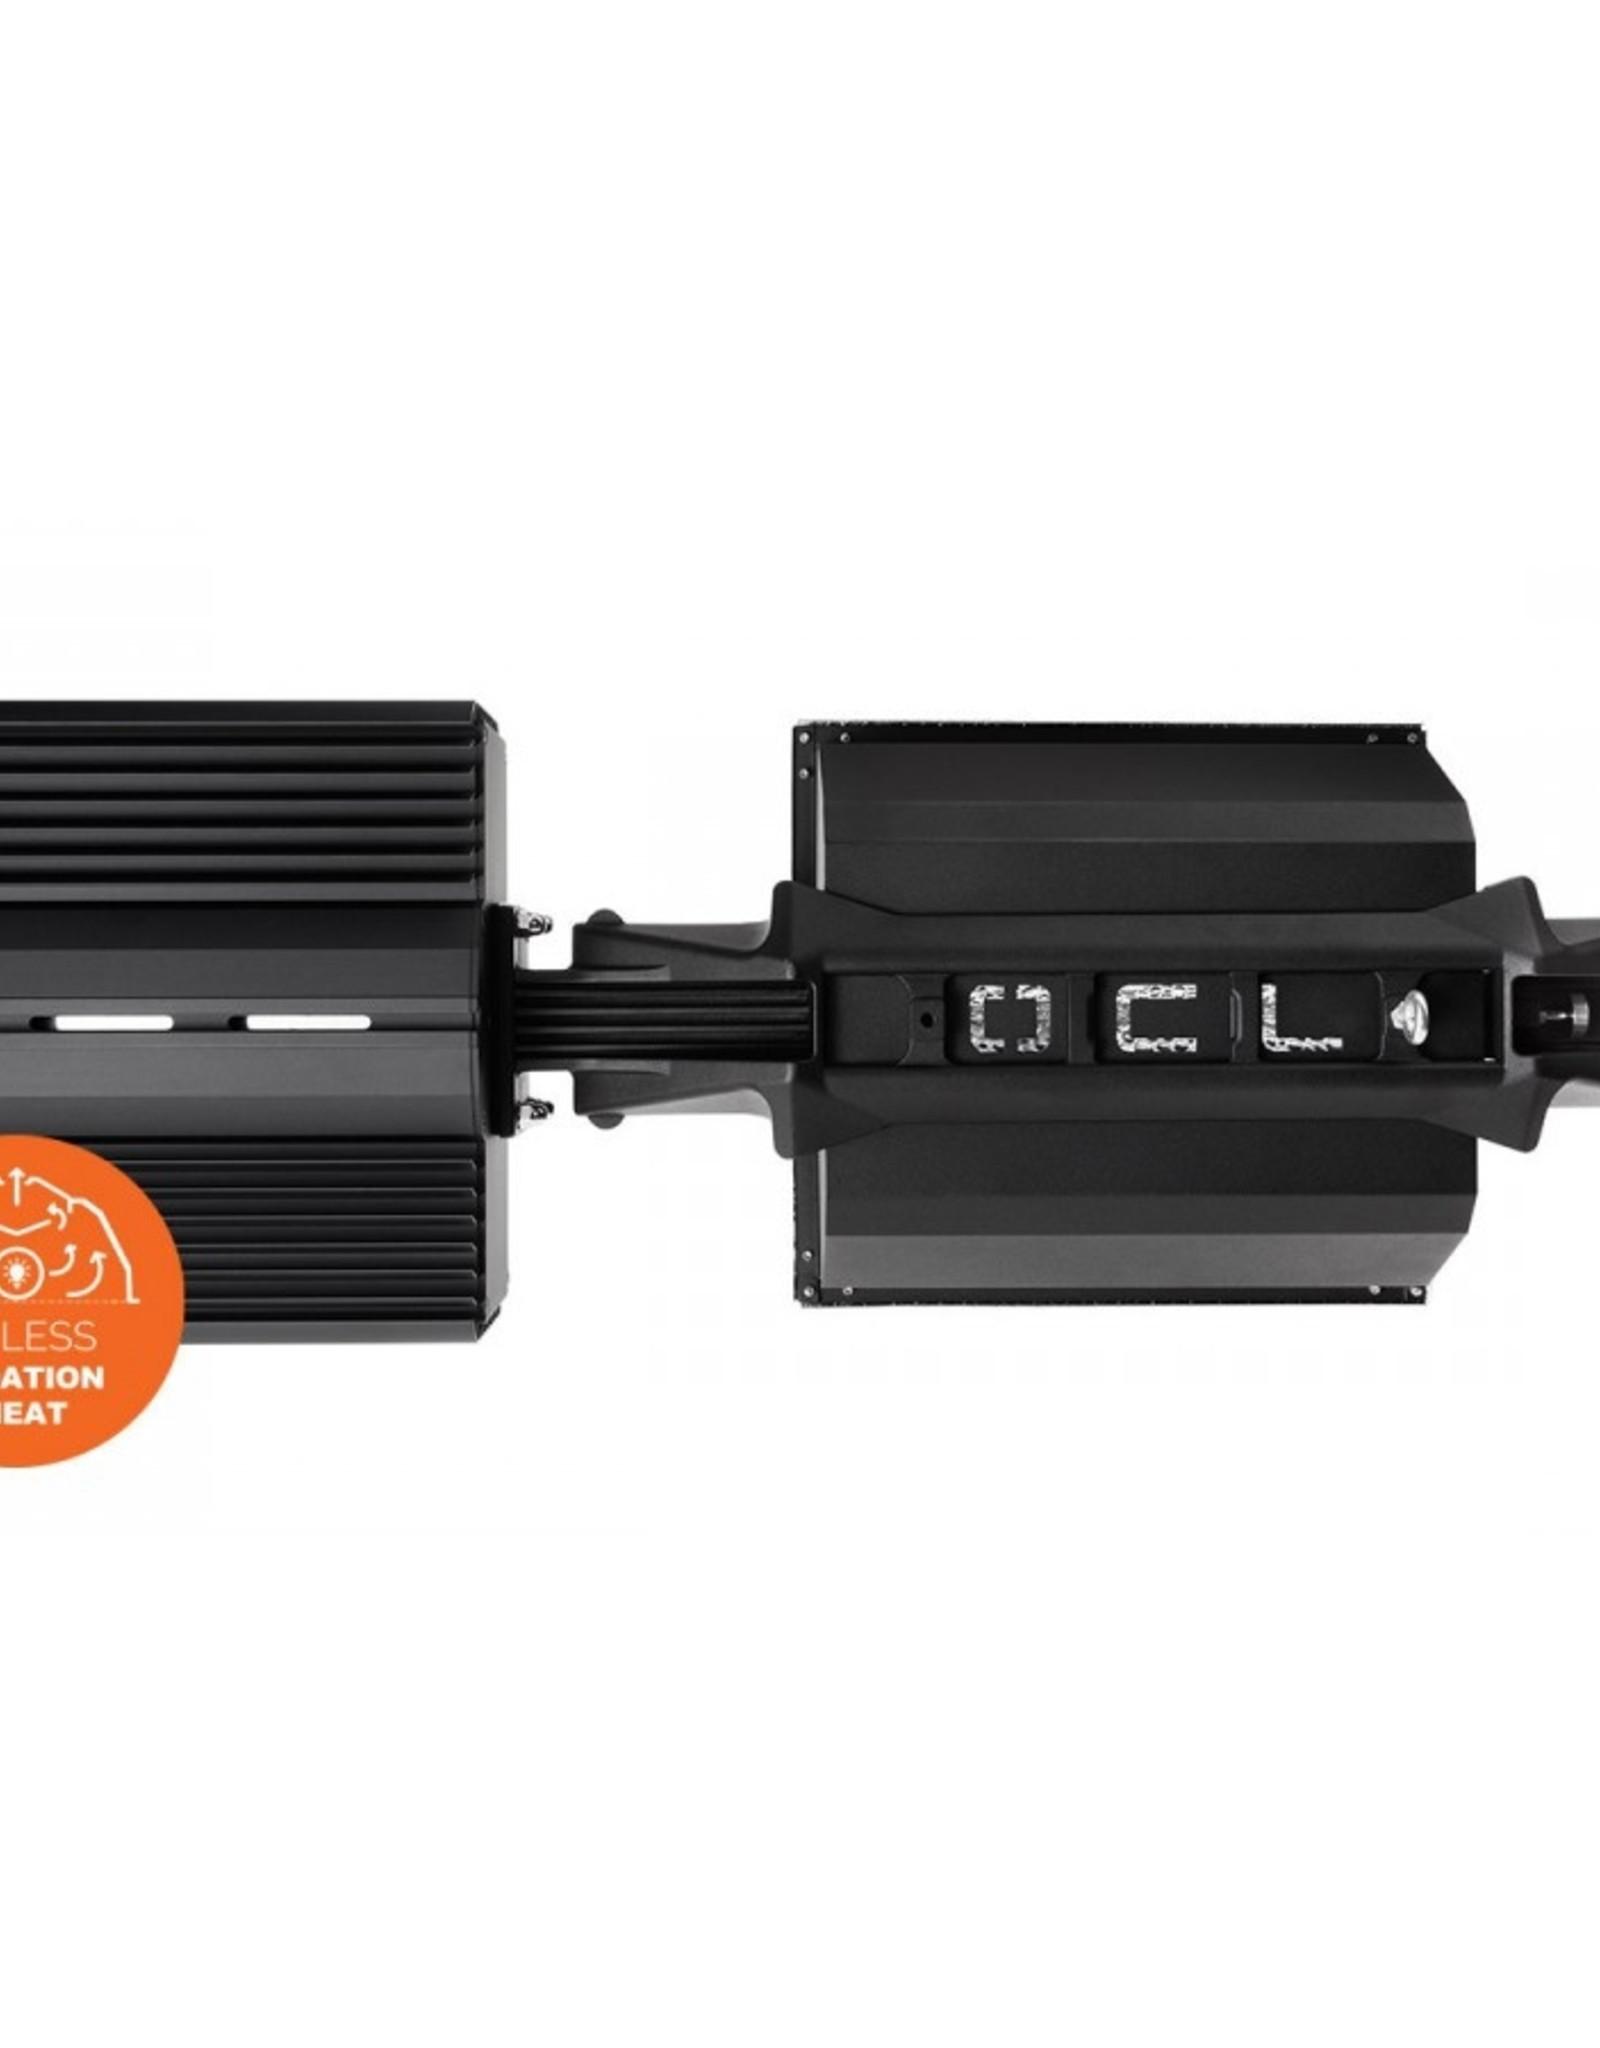 ocl OCL 600 W dimmbare Komplettarmatur inkl. 400V Lampe